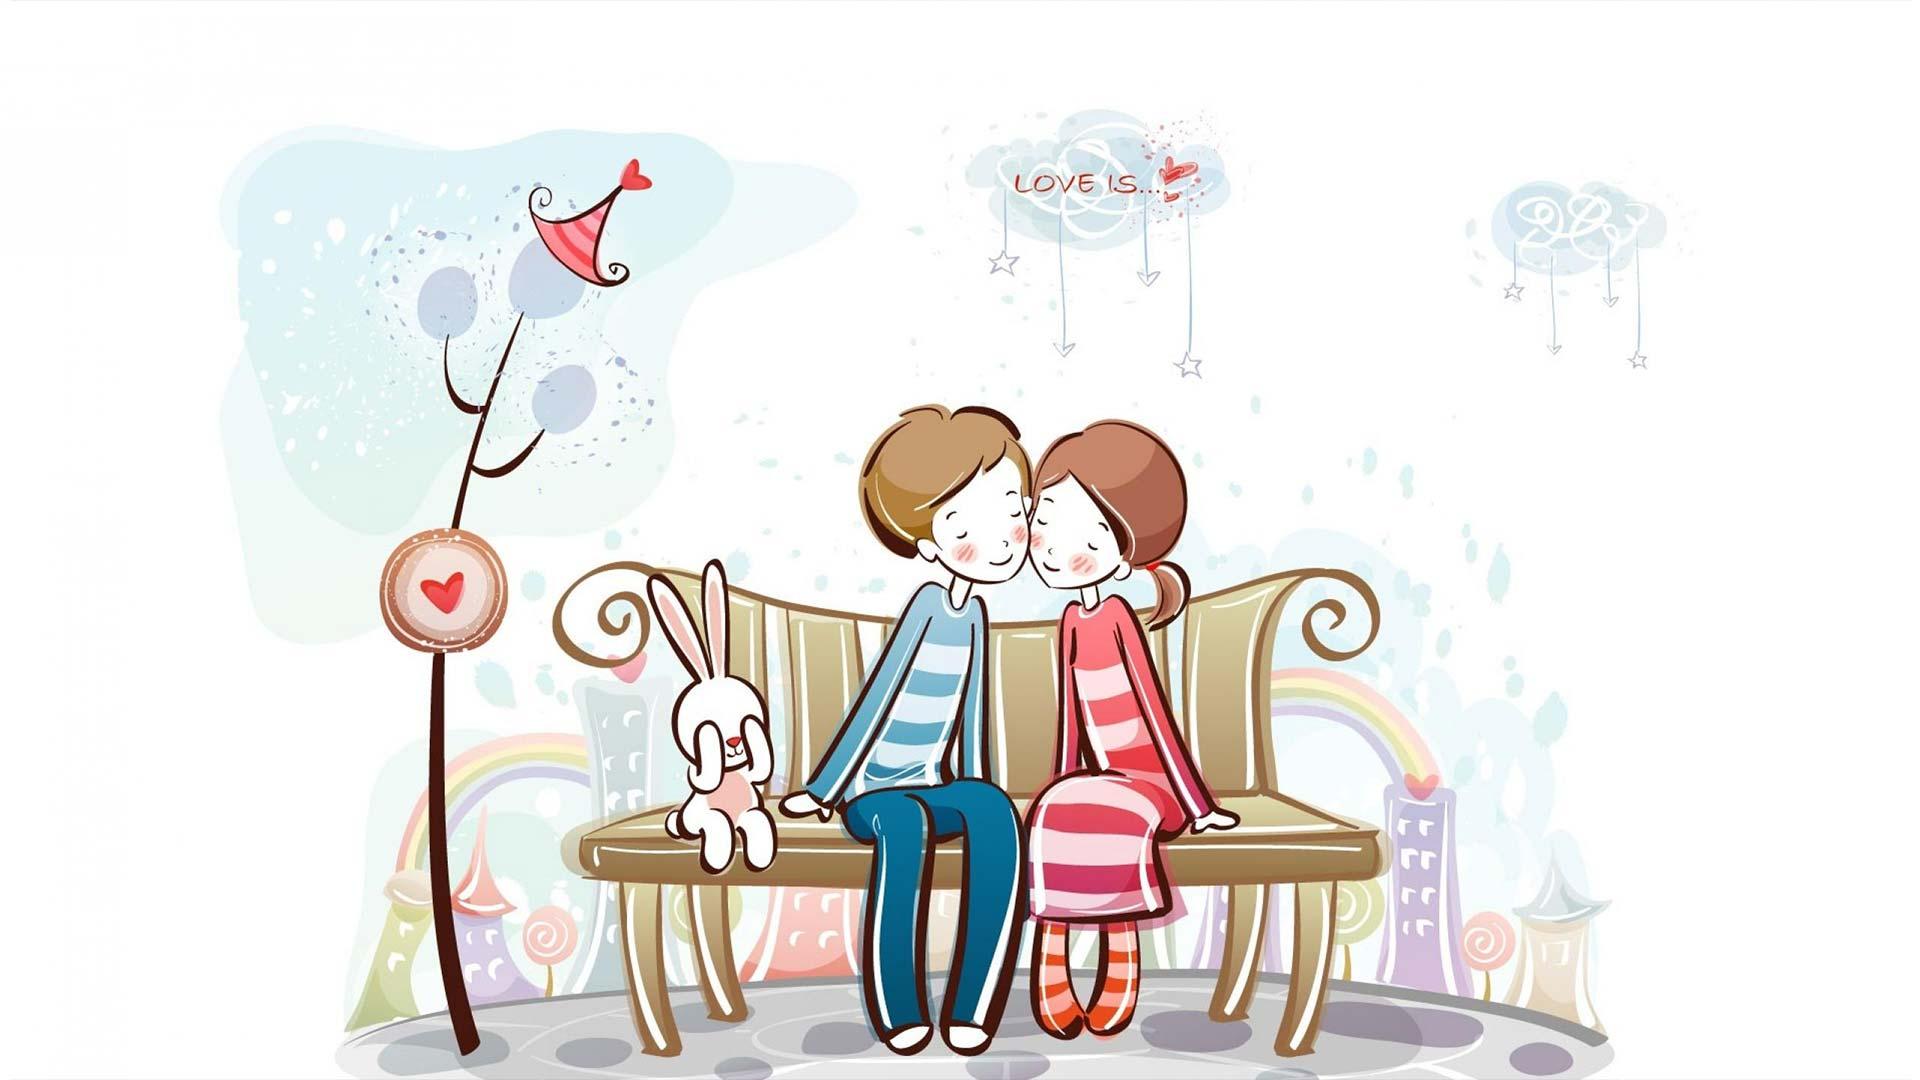 20 Beautiful & Romantic Love Wallpaper